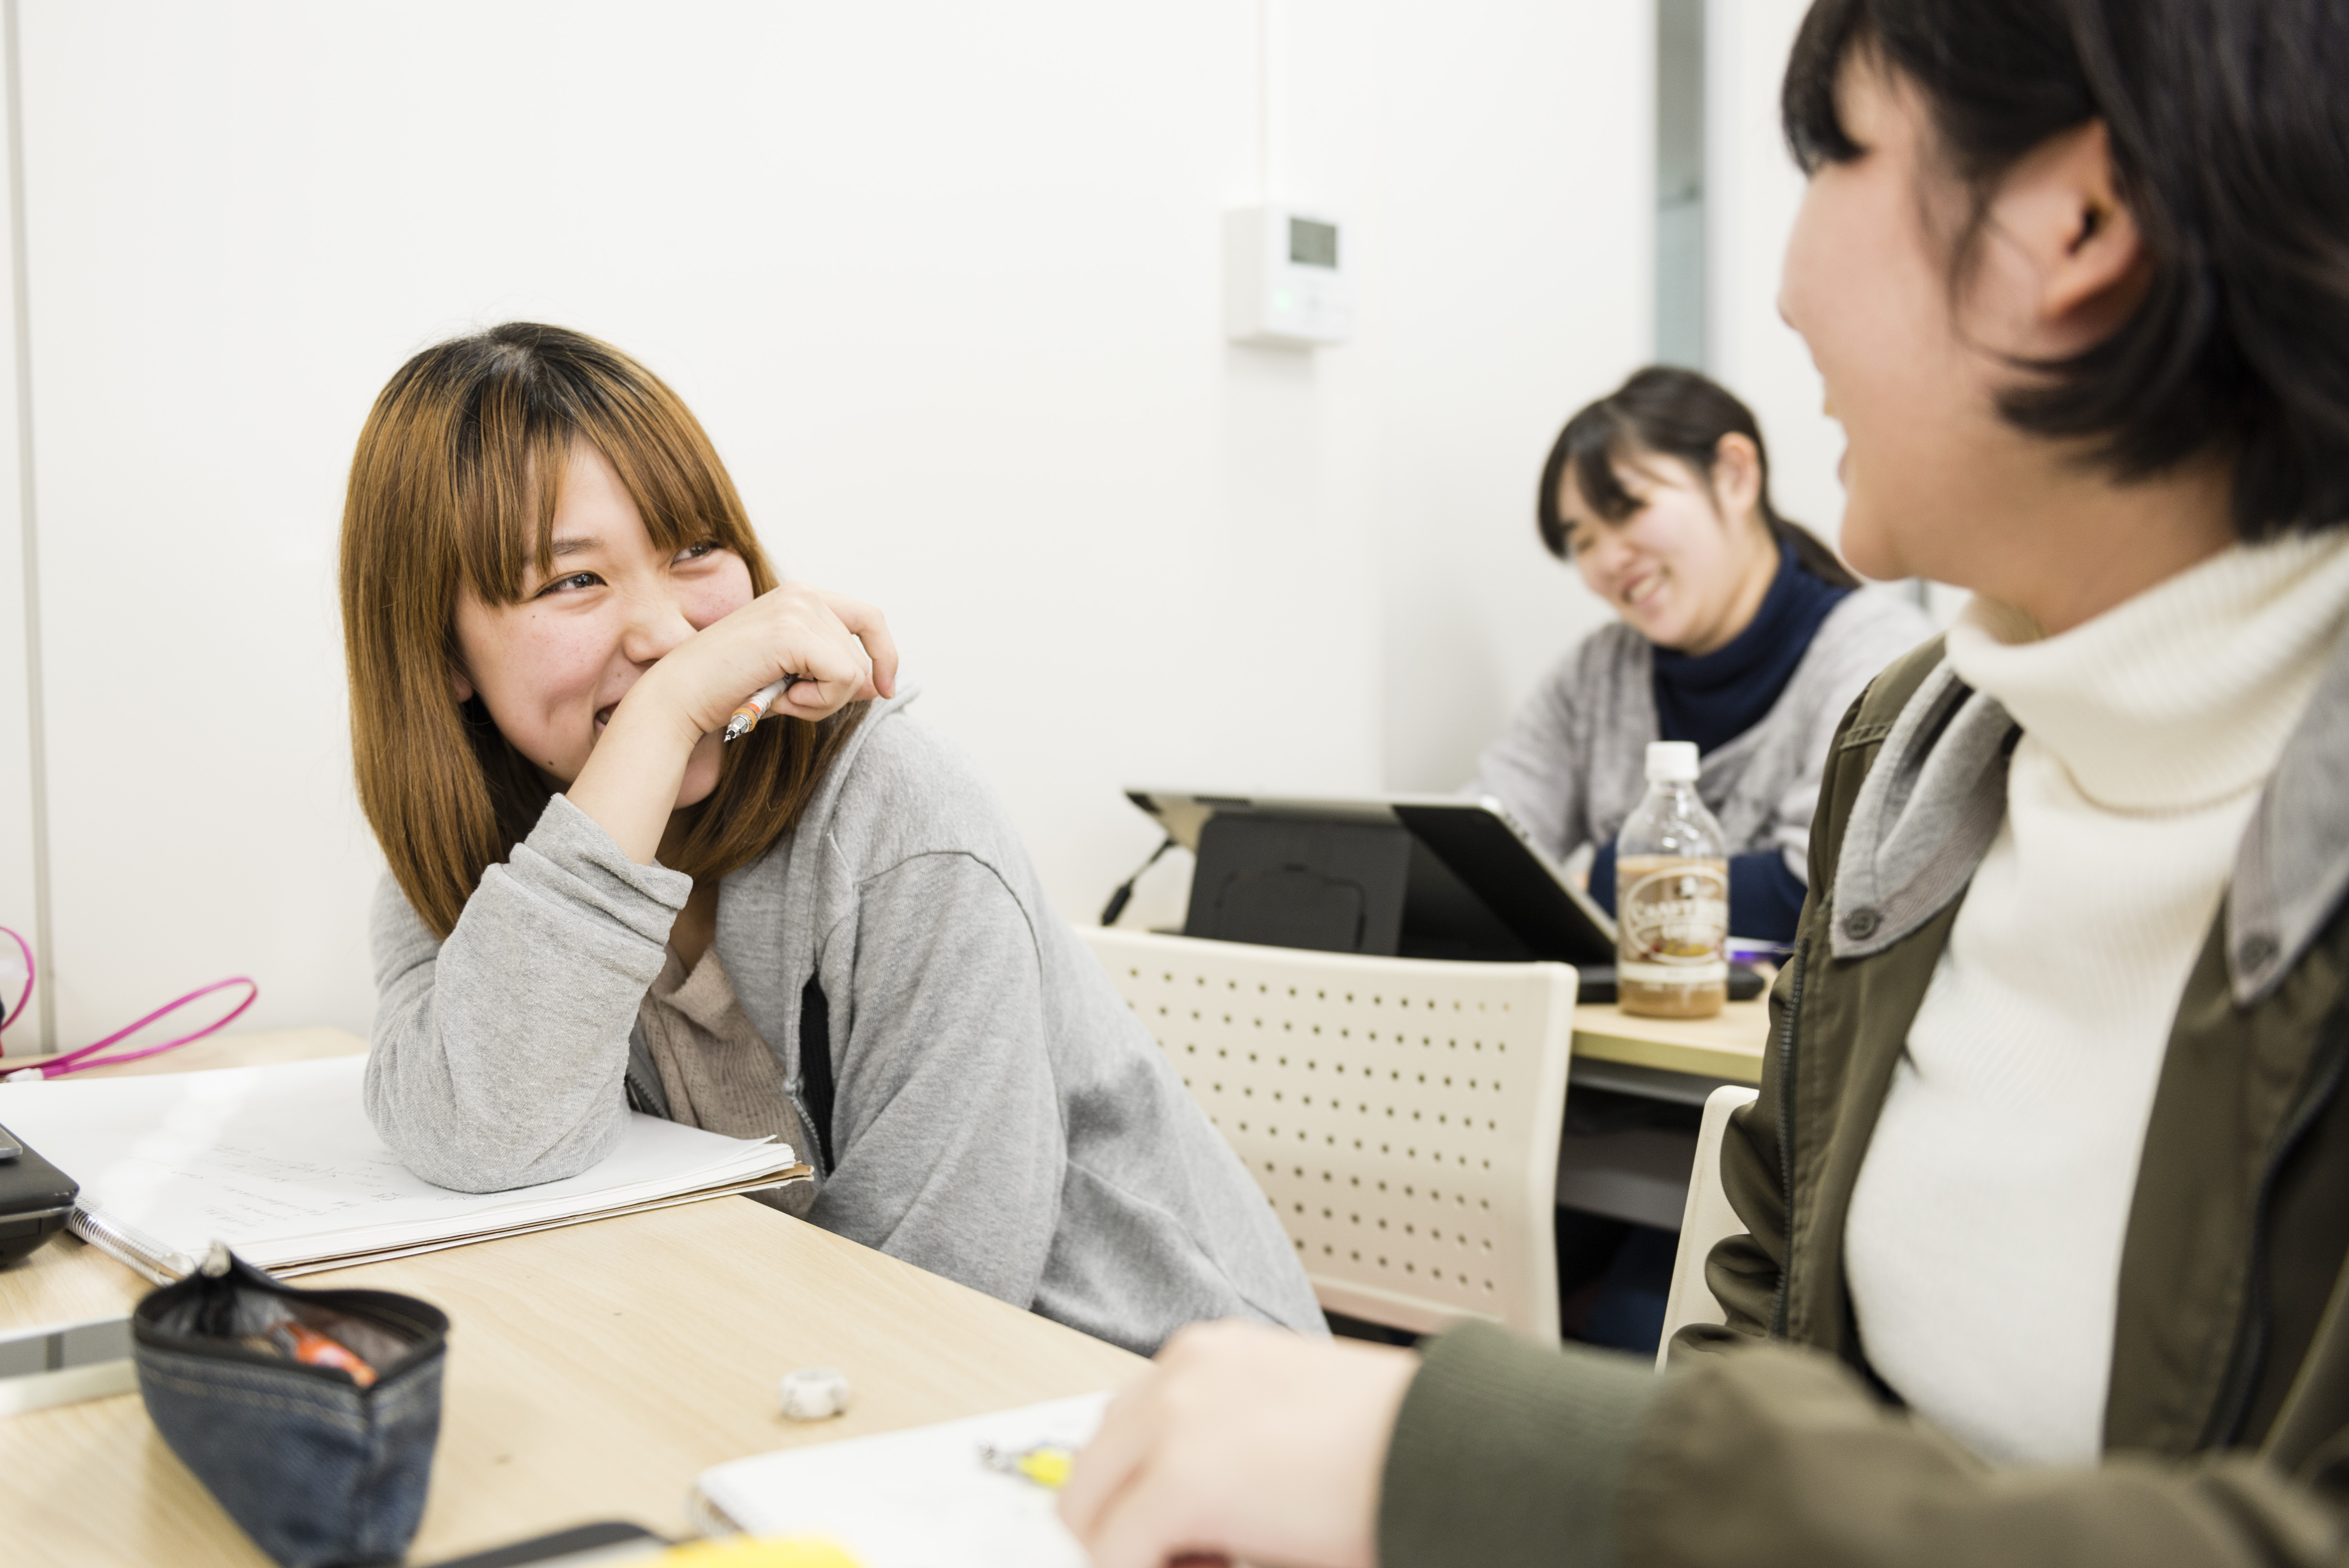 【福岡】高校選びに悩んでいる方対象!学校説明会☆